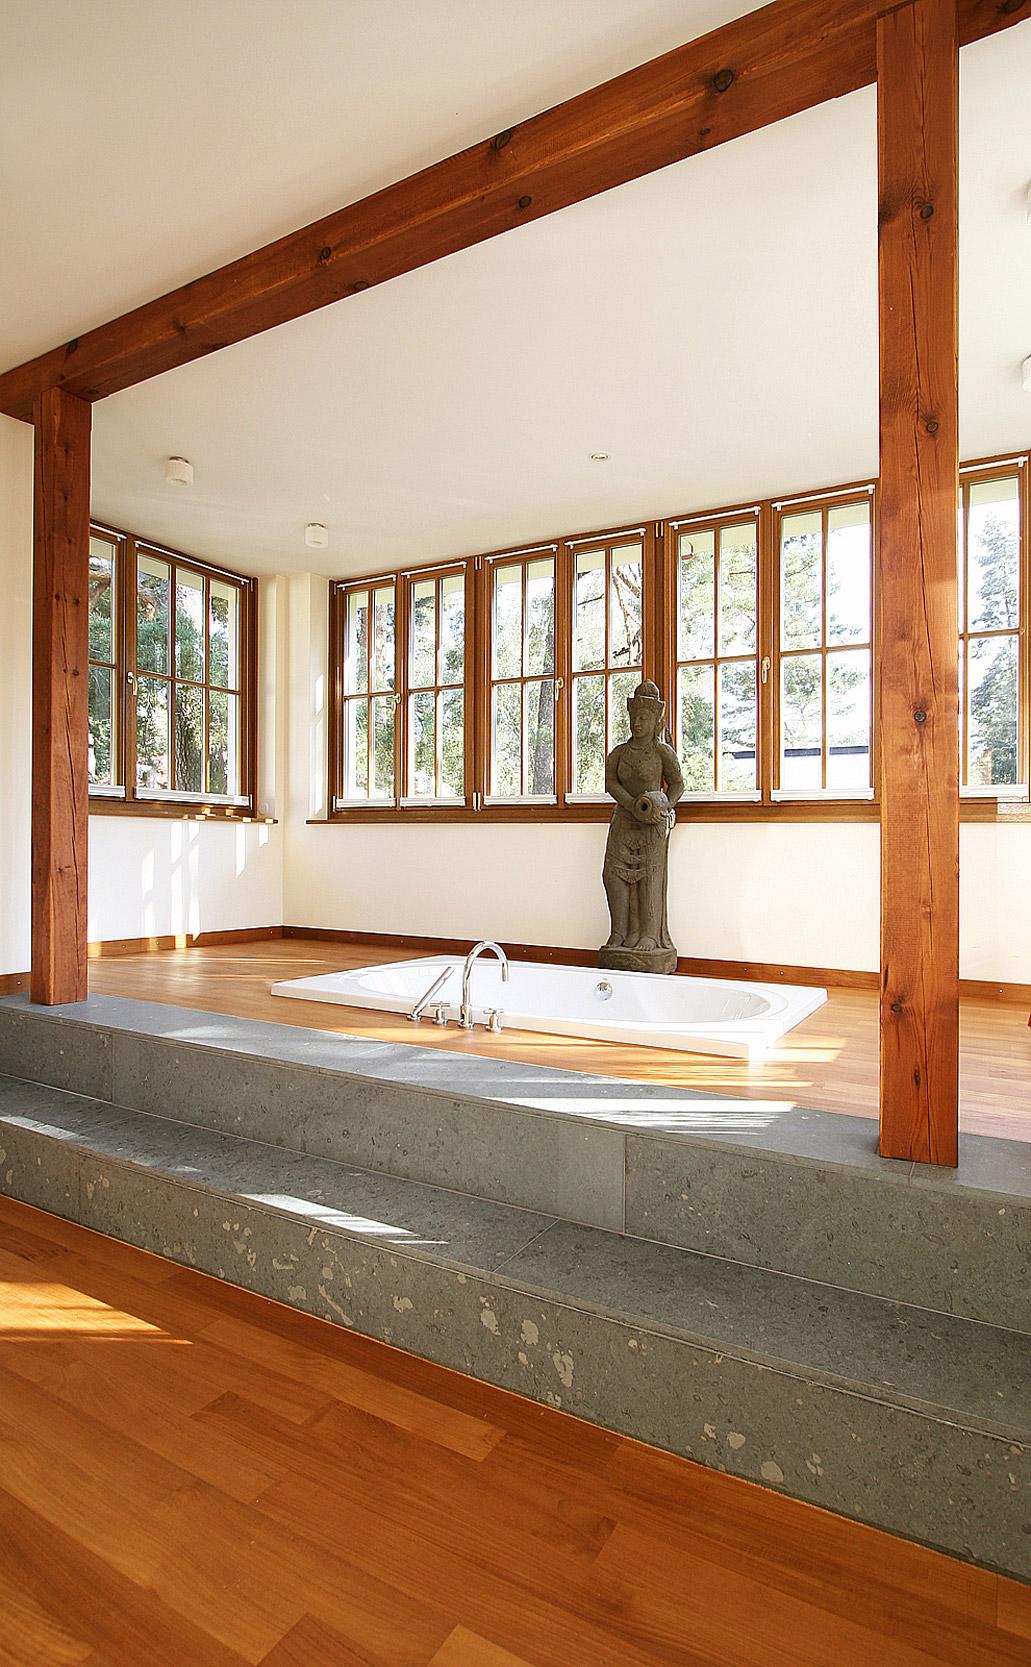 Naturmaterialien geben dem hellen Masterbad einen fernöstlichen Touch.